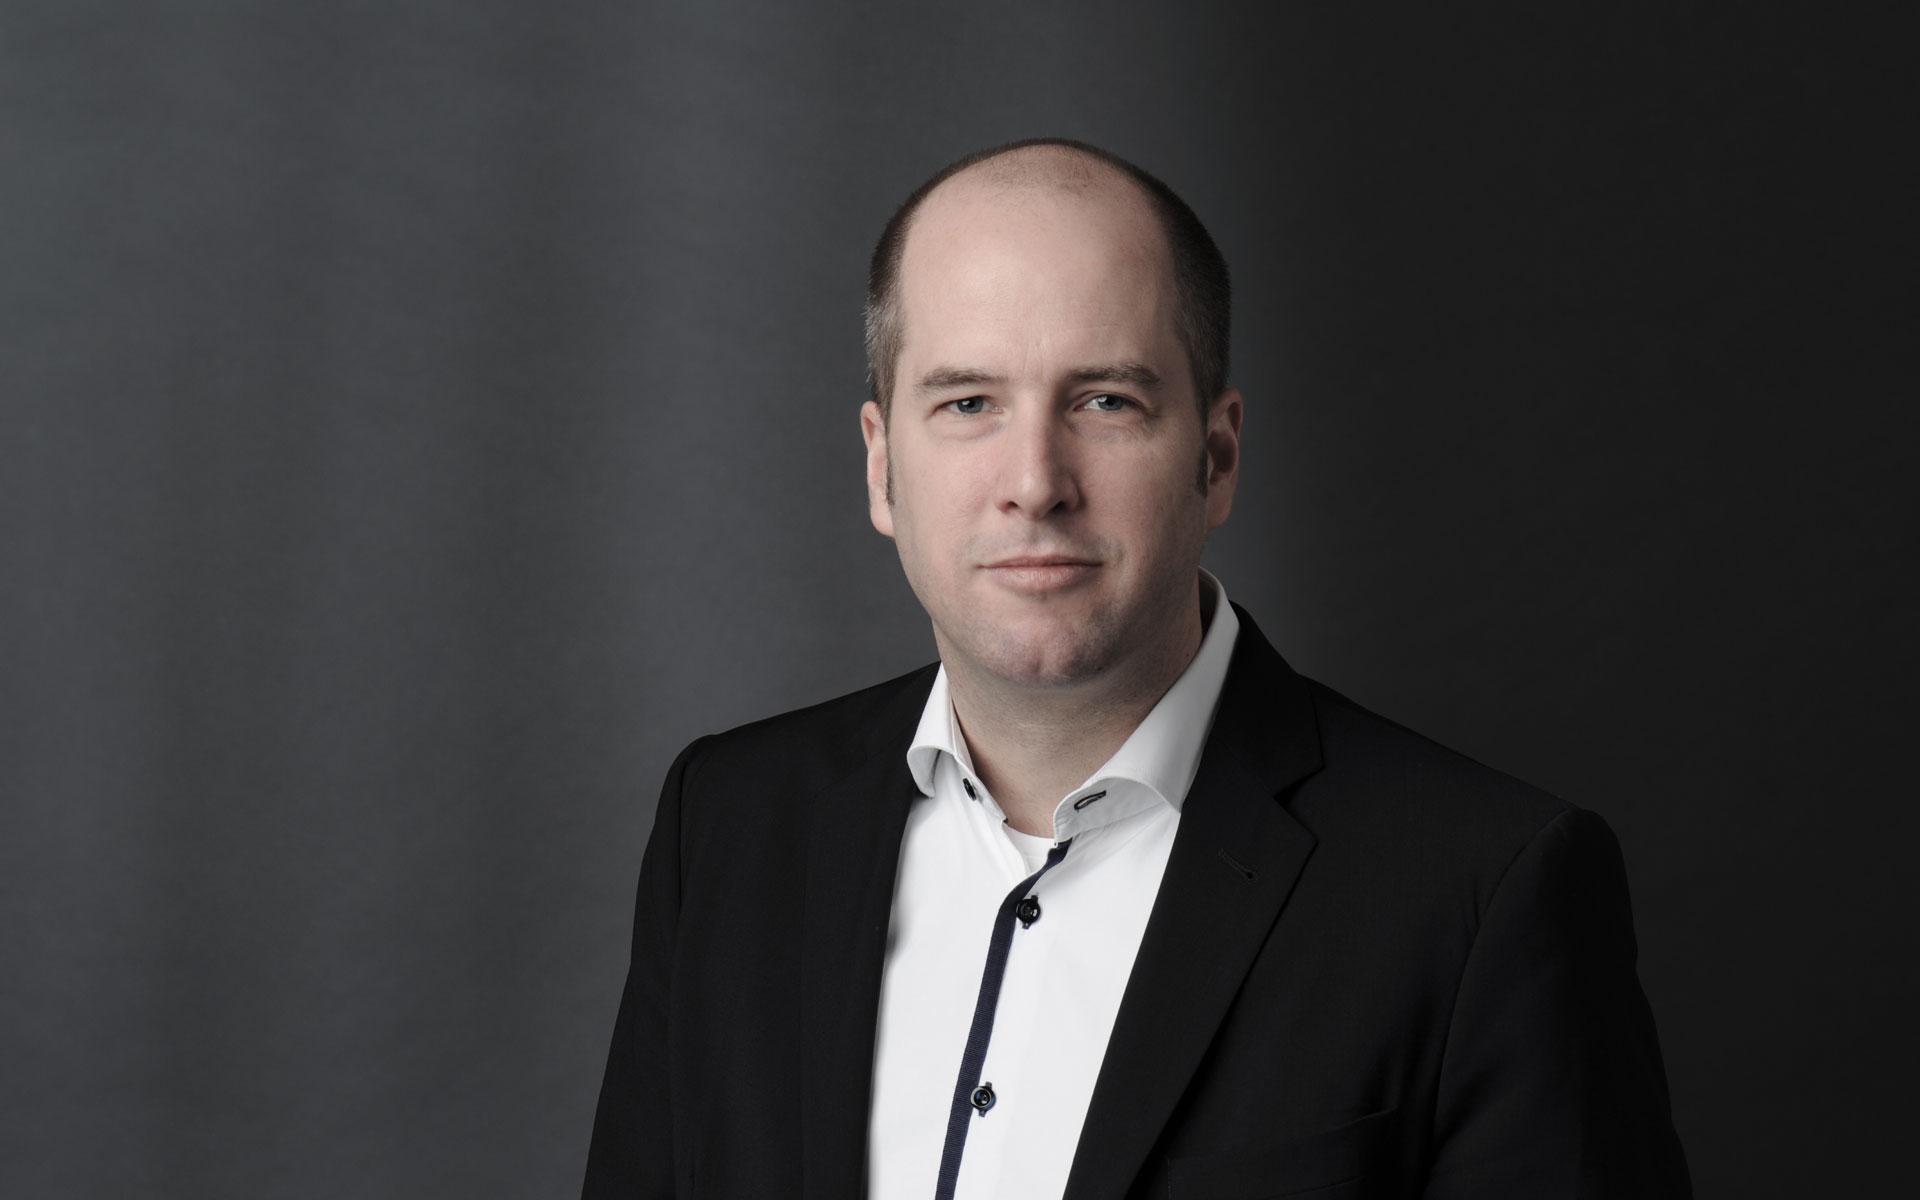 Daniel Schönwitz Wirtschaftsjournalist